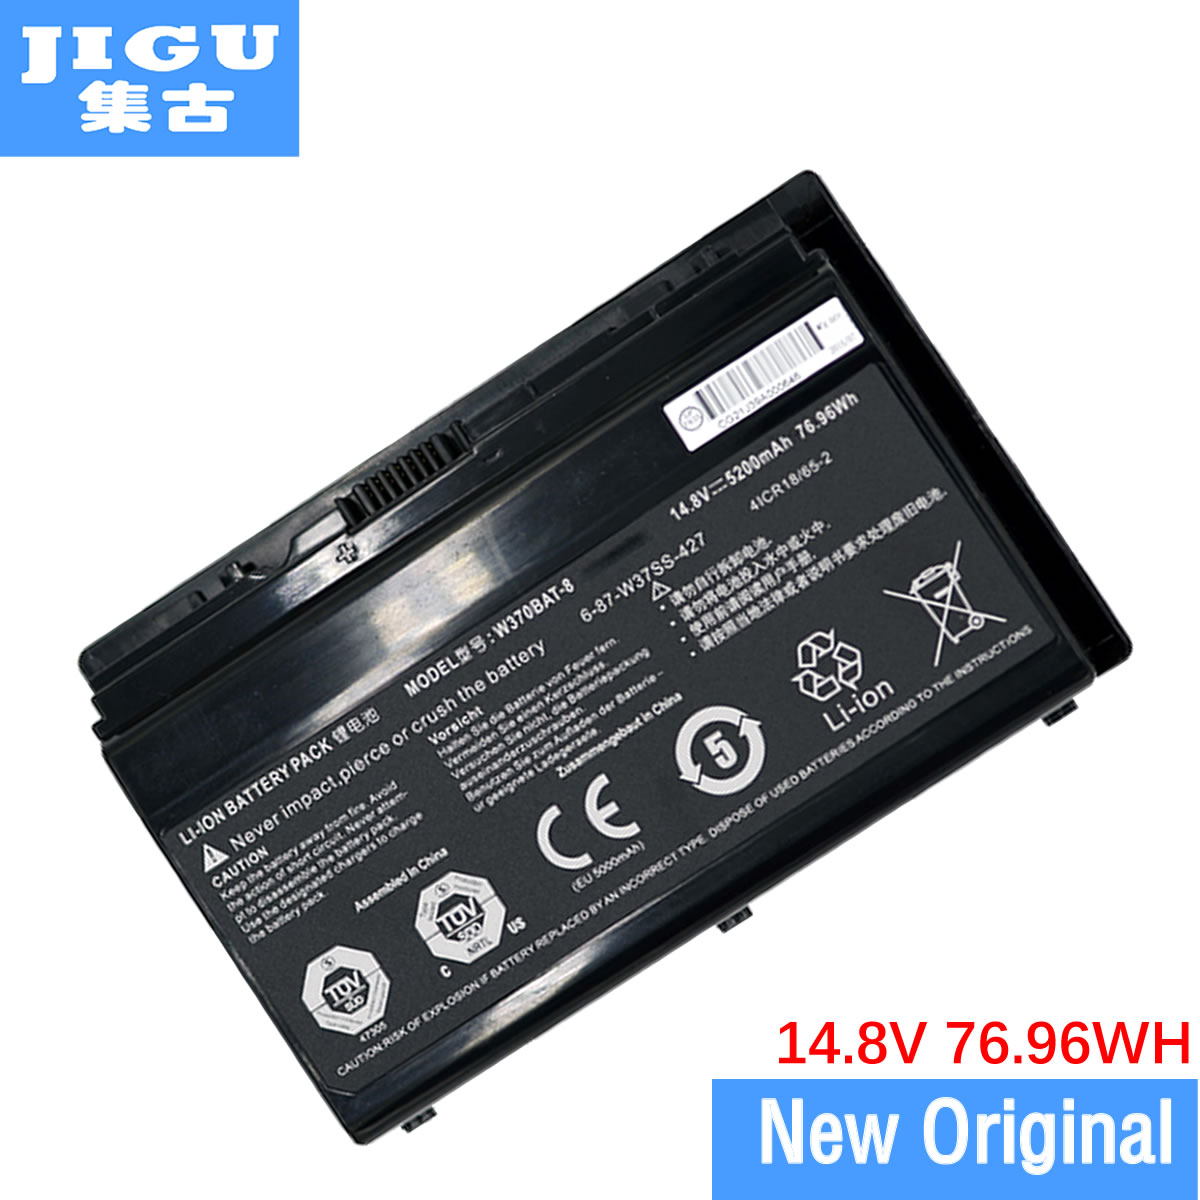 JIGU Laptop Battery 6-87-W370S-427 6-87-W370S-4271 FOR CLEVO K590S K790S NEXOC. G508II NP6350 NP6370 p370em W350ET W350ETQ clevo w550eu w540bat 6 6 87 w540s 4271 6 87 w540s 4u4 6 87 w540s 4w42 6 87 w540s 427 battery